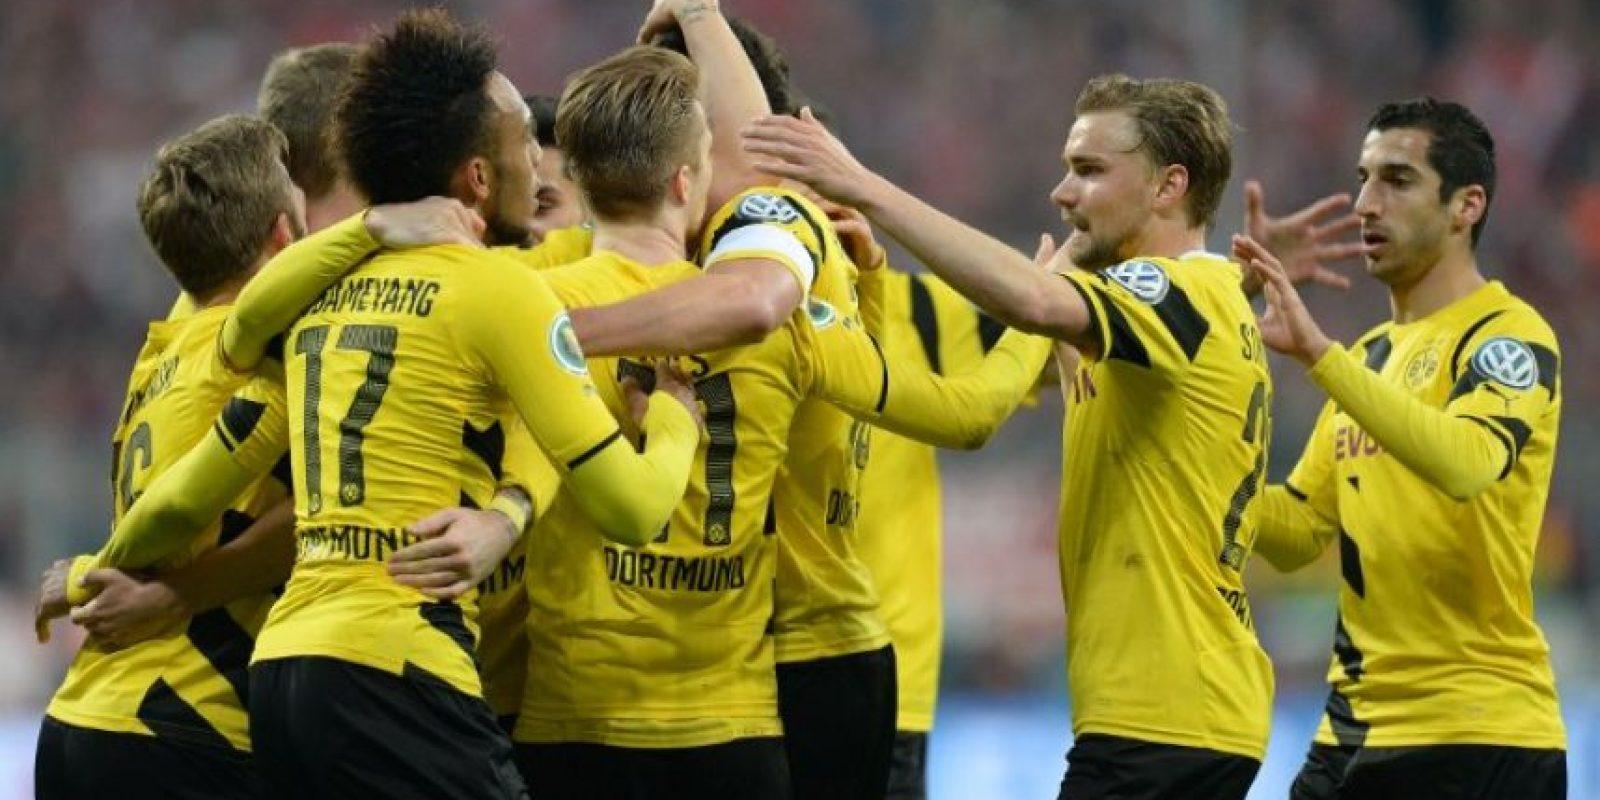 El Dortmund celebró su pase a la final luego de imponerse en la tanda de penaltis contra su acérrimo rival. Foto:AFP